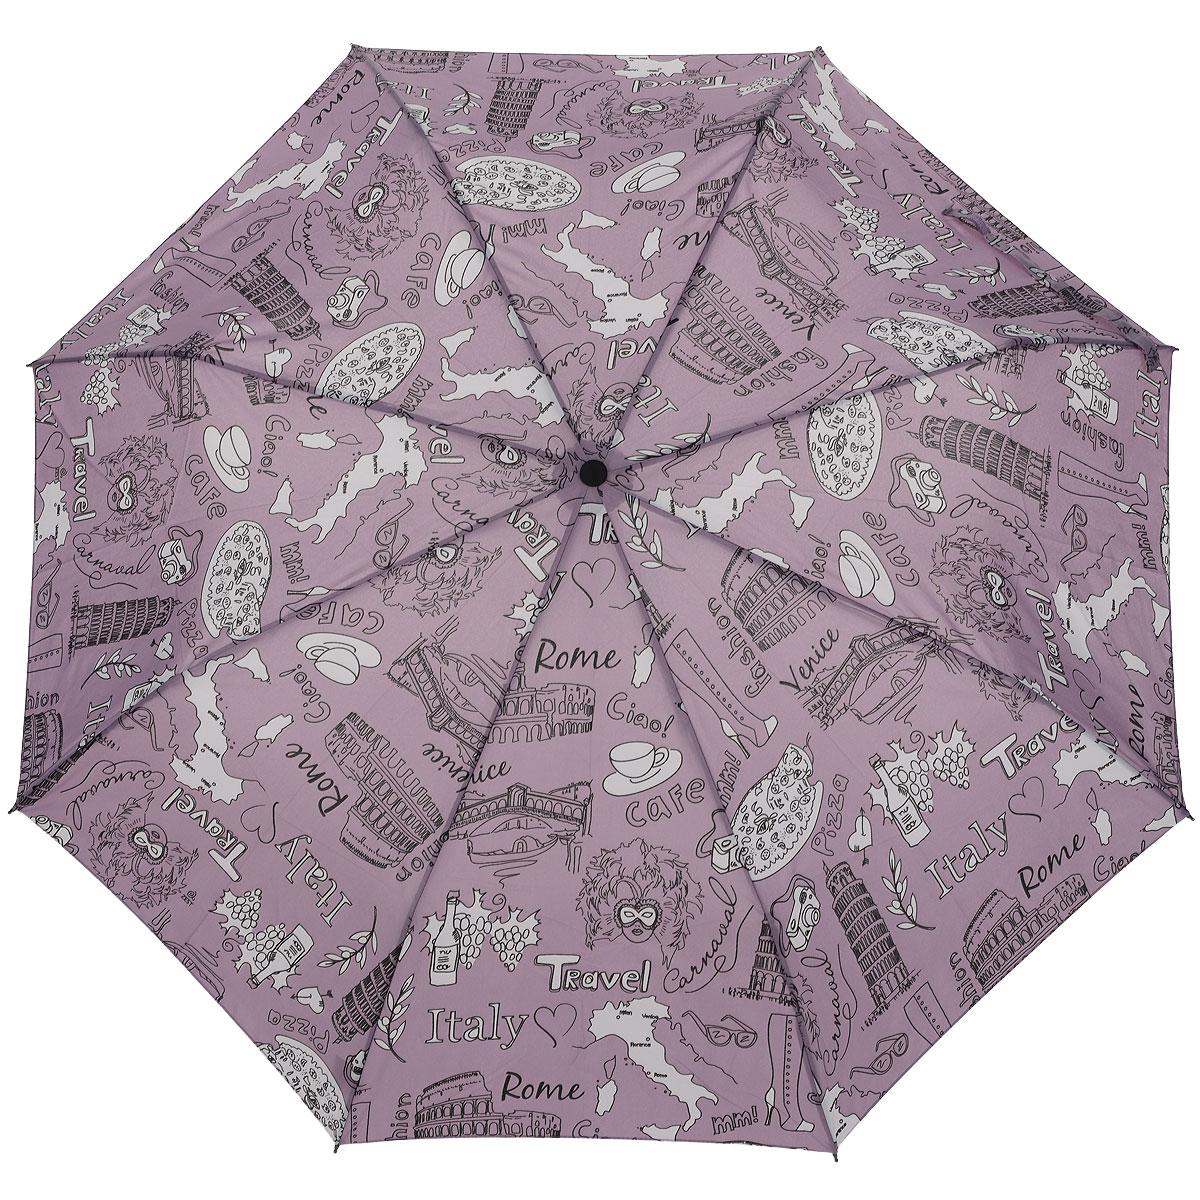 Зонт женский Airton, полный автомат, 3 сложения, цвет: сиреневый. 39155-0639155-06Автоматический зонт Airton в 3 сложения даже в ненастную погоду позволит вам оставаться стильной и элегантной. Детали каркаса изготовлены из высокопрочных материалов, специальная система Windproof защищает его от поломок. Ручка из прорезиненного пластика разработана с учетом требований эргономики. Используемые высококачественные красители, а также покрытие Teflon обеспечивают длительное сохранение свойств ткани купола зонта. Купол выполнен из полиэстера сиреневого цвета и оформлен оригинальным принтом. Зонт имеет полный автоматический механизм сложения: купол открывается и закрывается нажатием кнопки на рукоятке, стержень складывается вручную до характерного щелчка. На рукоятке для удобства есть небольшой шнурок, позволяющий надеть зонт на руку тогда, когда это будет необходимо. К зонту прилагается чехол.